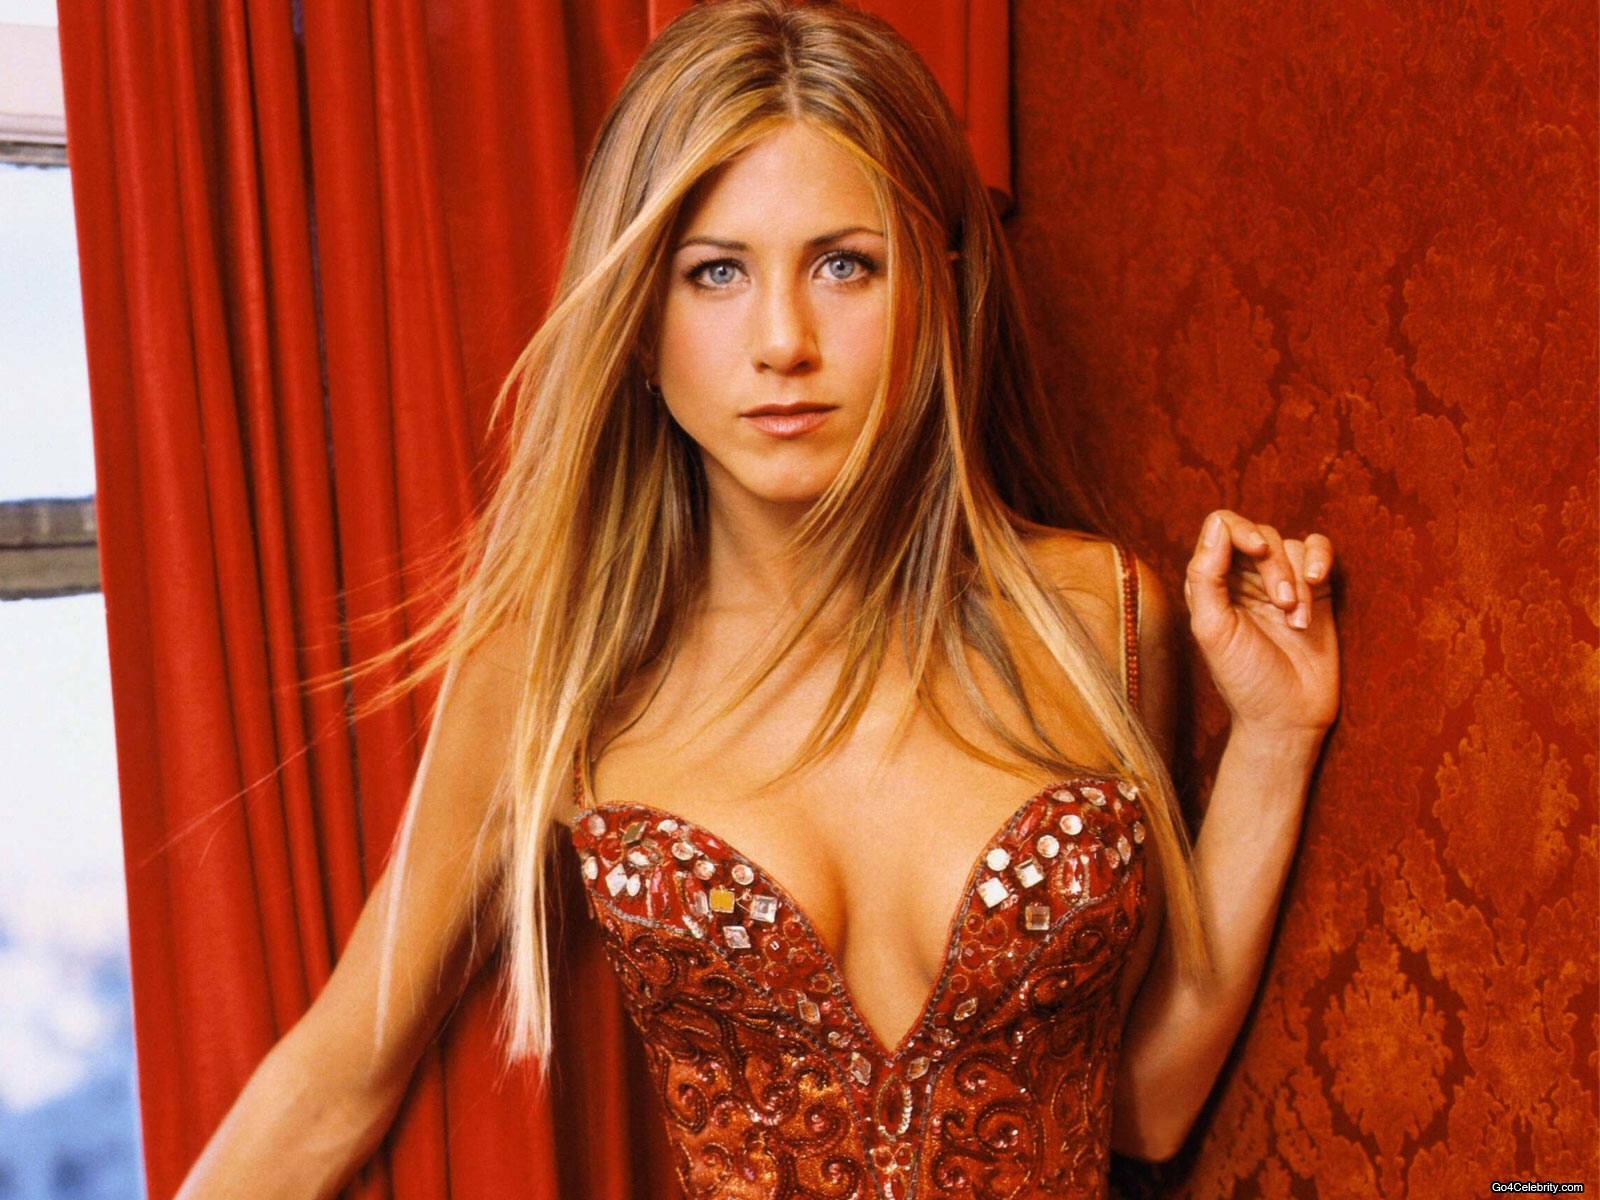 http://1.bp.blogspot.com/_CRsA2fUP4Ys/SxUopJr1PNI/AAAAAAAAB58/ScLUX9V6-Pw/s1600/Jennifer+Aniston+5.jpg